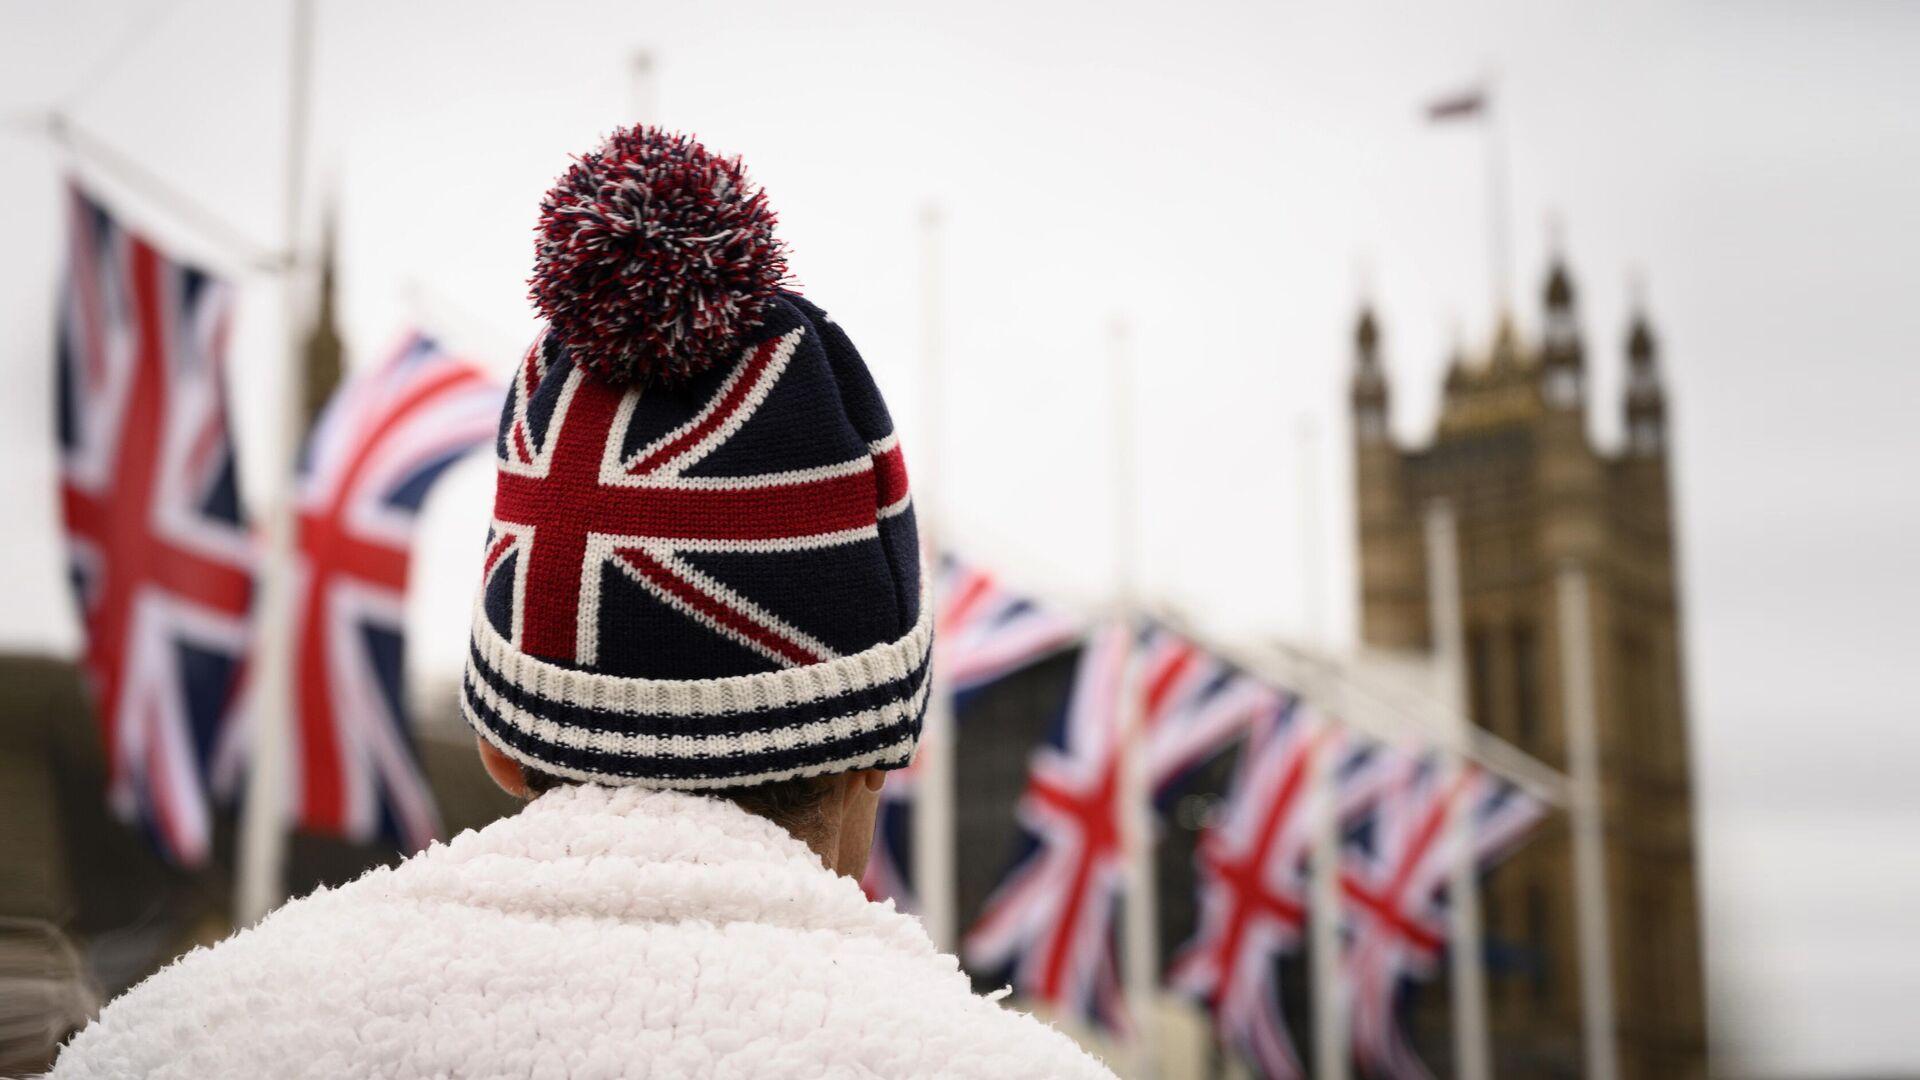 Сторонник Brexit на торжественных мероприятиях, посвященных выходу Великобритании из ЕС (Brexit Party) на площади Парламента в Лондоне - РИА Новости, 1920, 08.12.2020